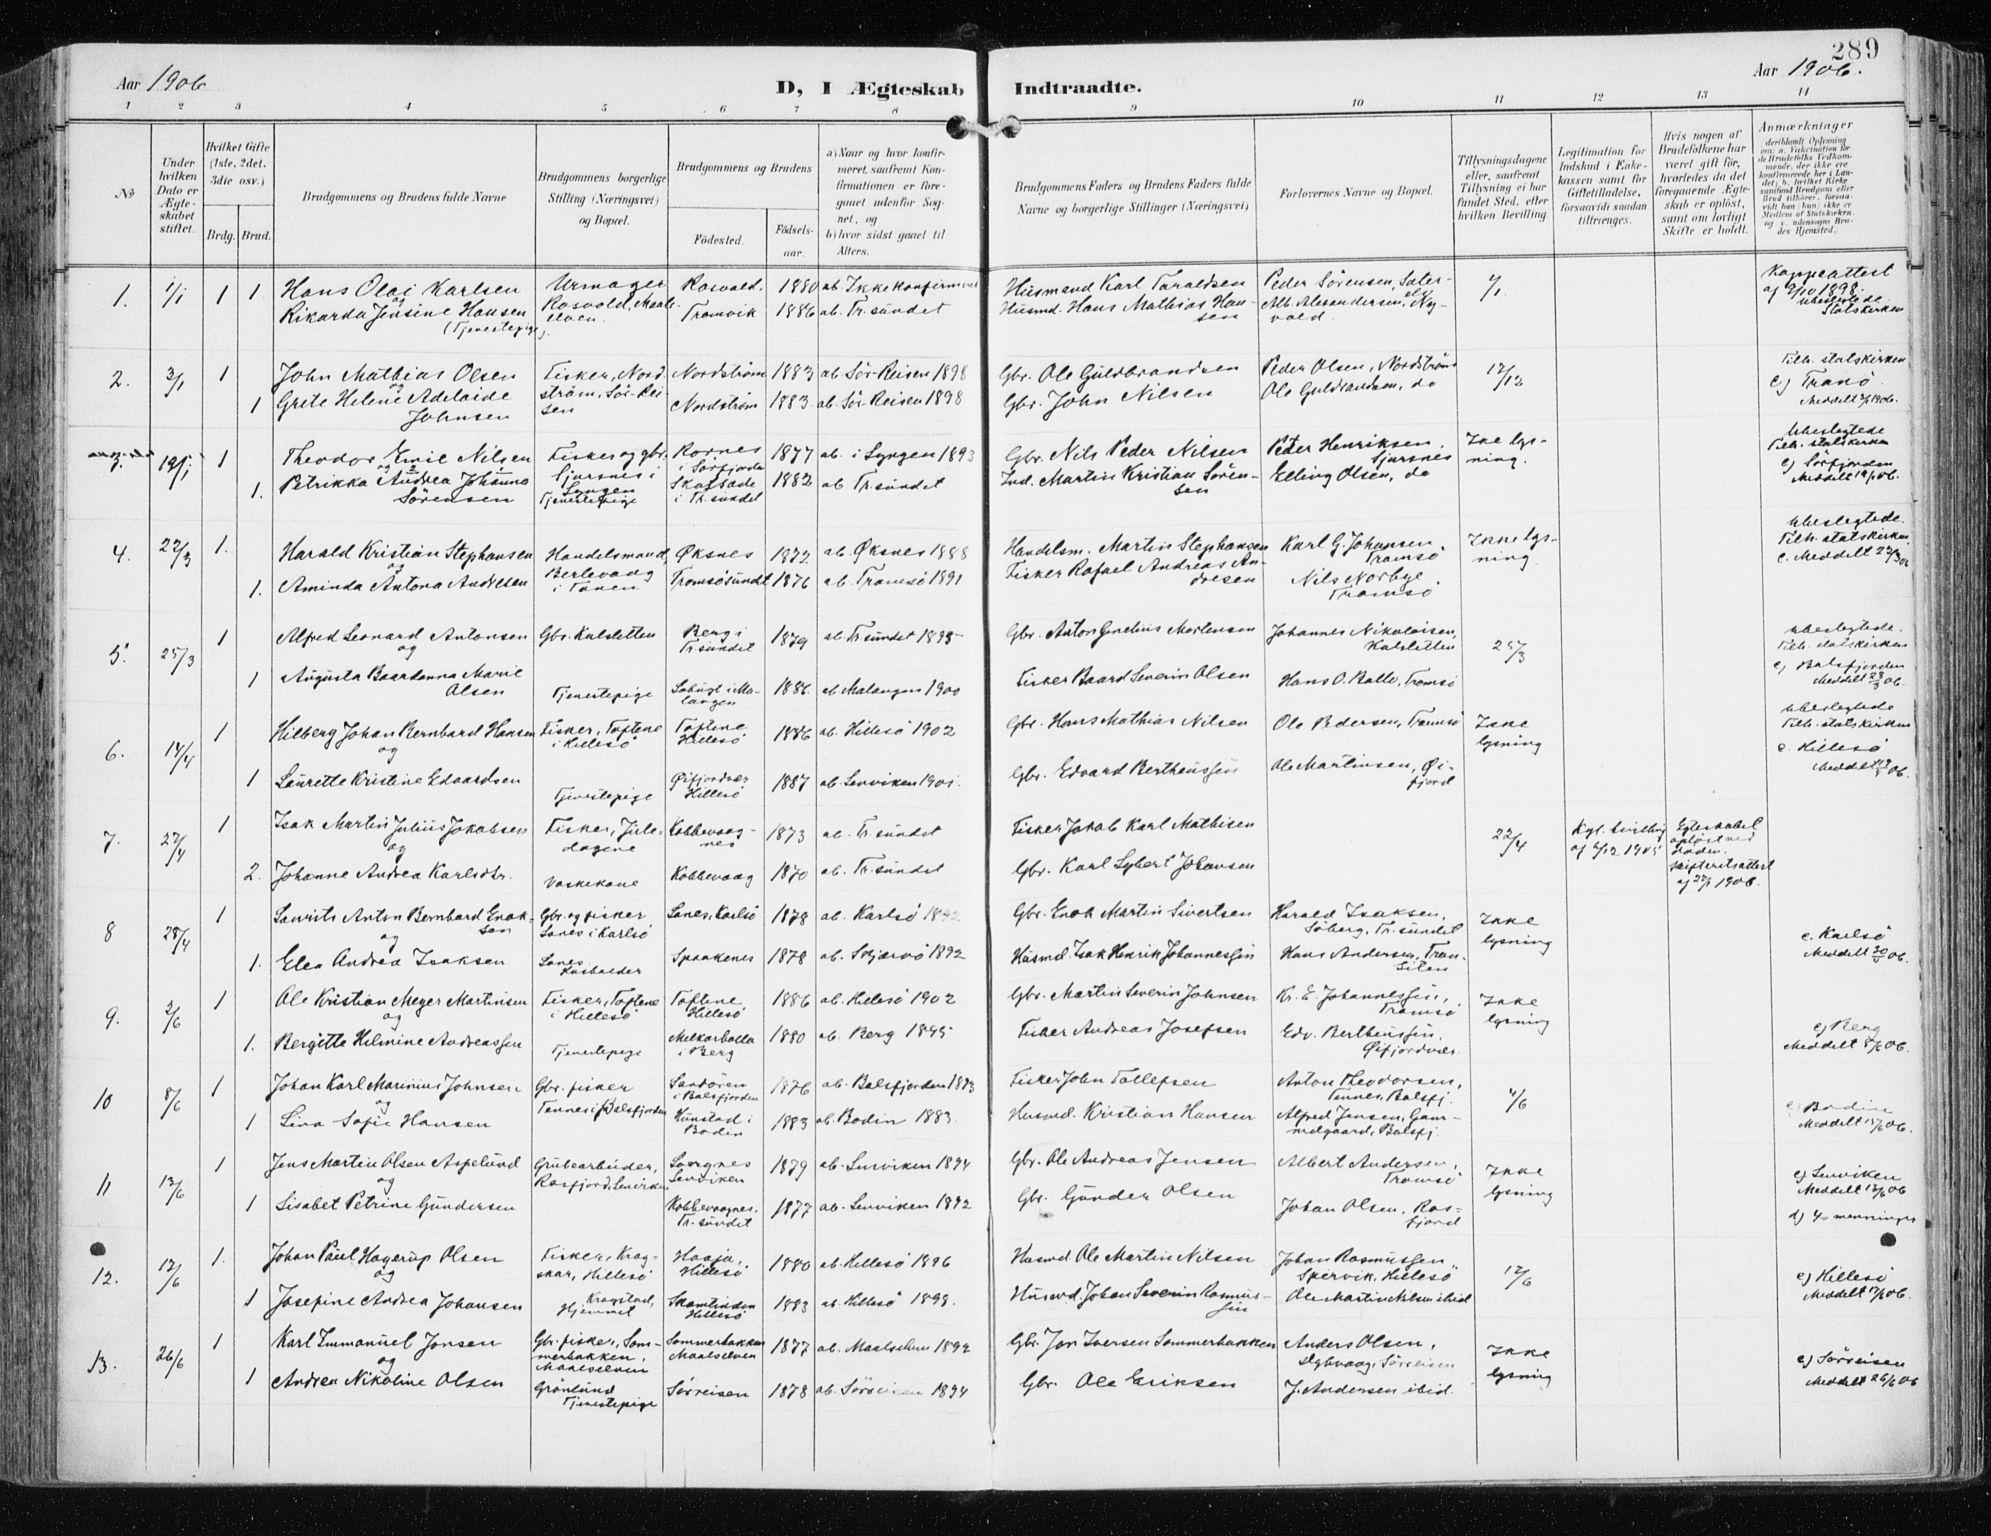 SATØ, Tromsøysund sokneprestkontor, G/Ga/L0006kirke: Parish register (official) no. 6, 1897-1906, p. 289